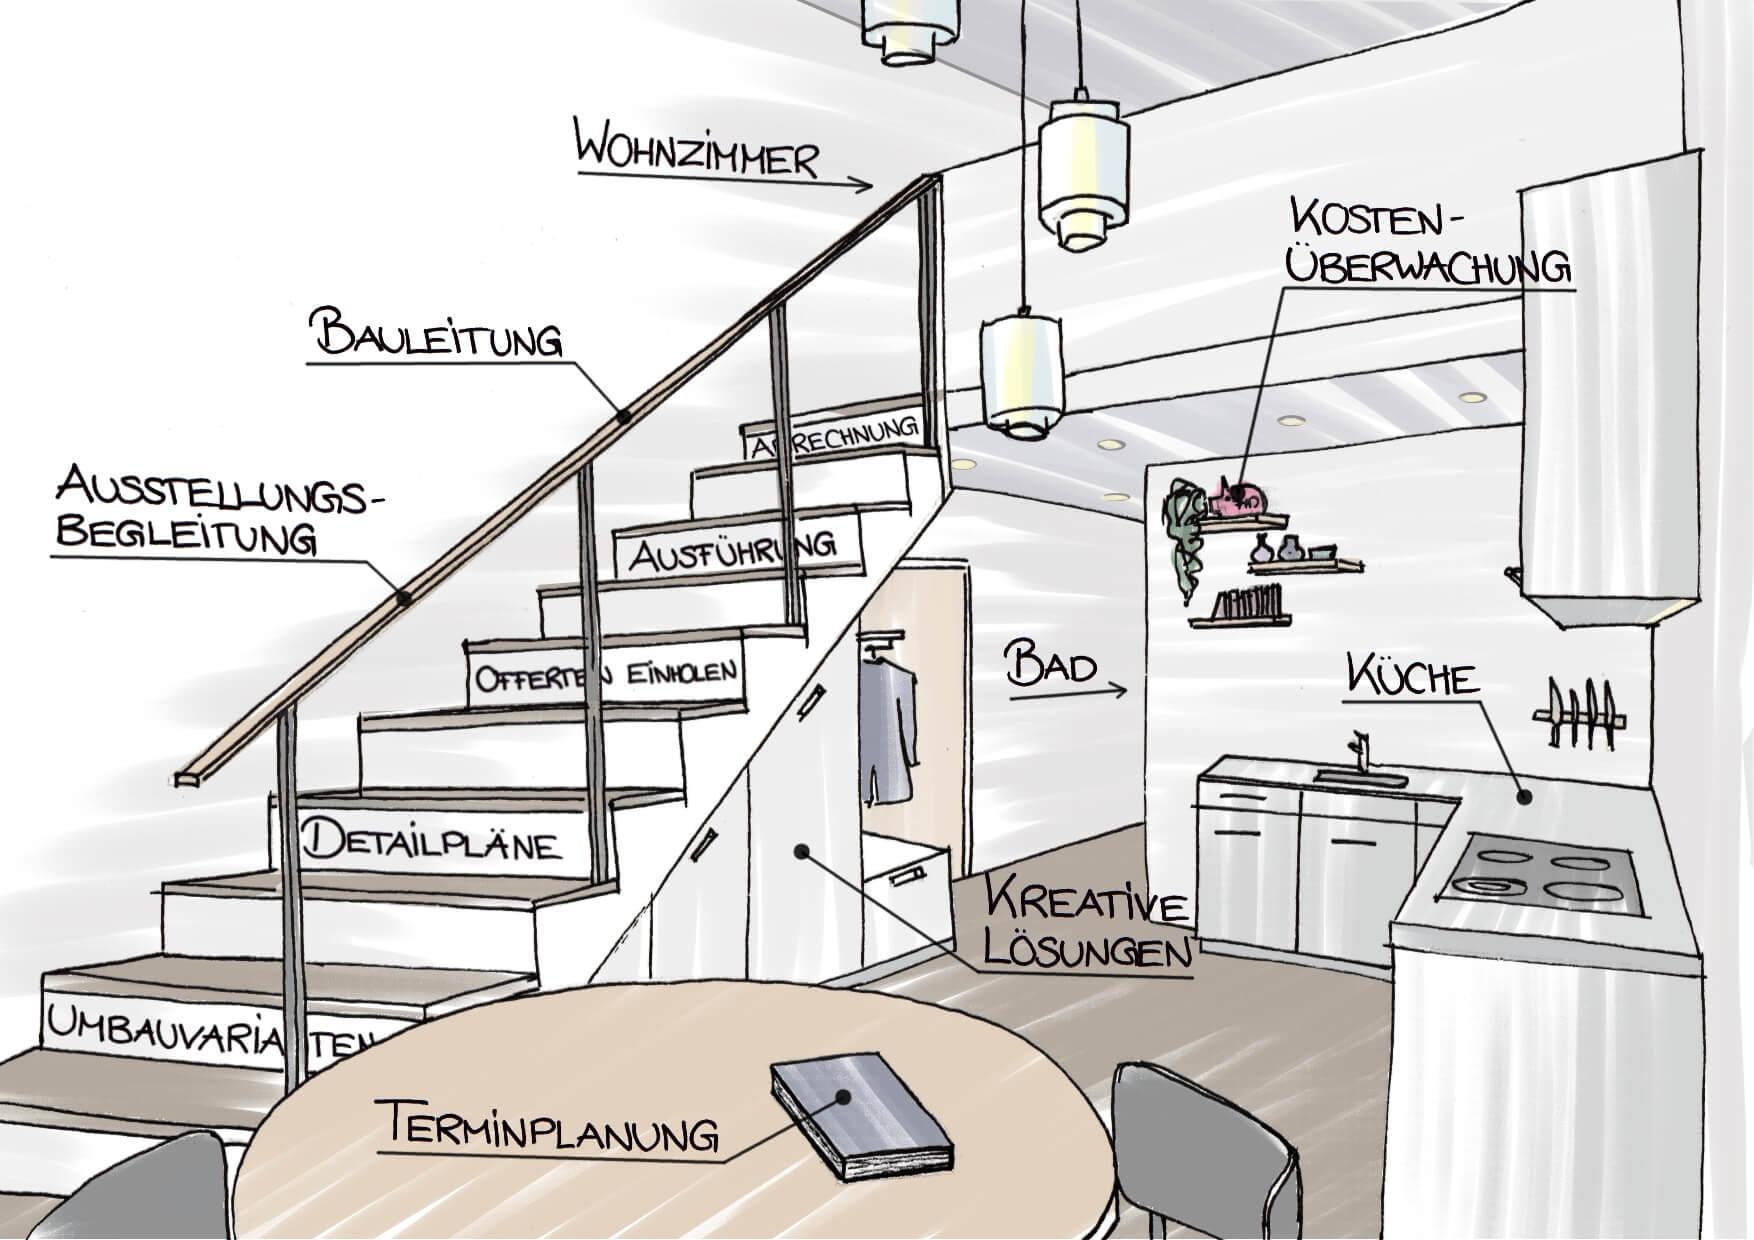 Eine grob kolorierte Skizze bildet einen Teil der Leistungen der planen einrichten gestalten gmbh ab. Links führt eine Treppe ins Obergeschoss. Jede zweite Stufe ist beschriftet, von unten nach oben mit: Umbauvarianten, Detailpläne, Offerten einholen, Ausführung, Abrechnung. Weiter sind die Küche Beschriftet und Pfeile deuten auf das Bad und das Wohnzimmer hin.